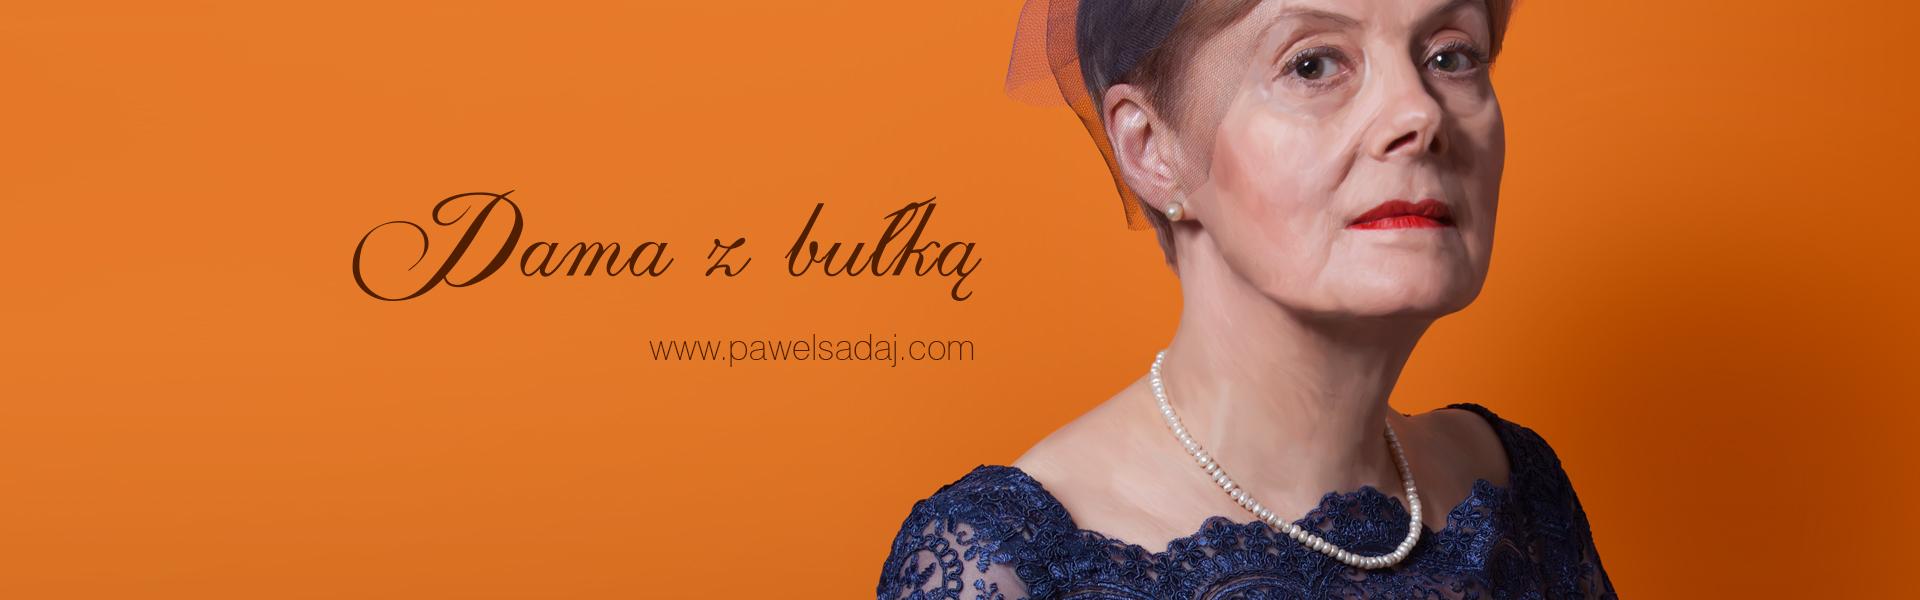 Dama z bułką PawelSadaj.com